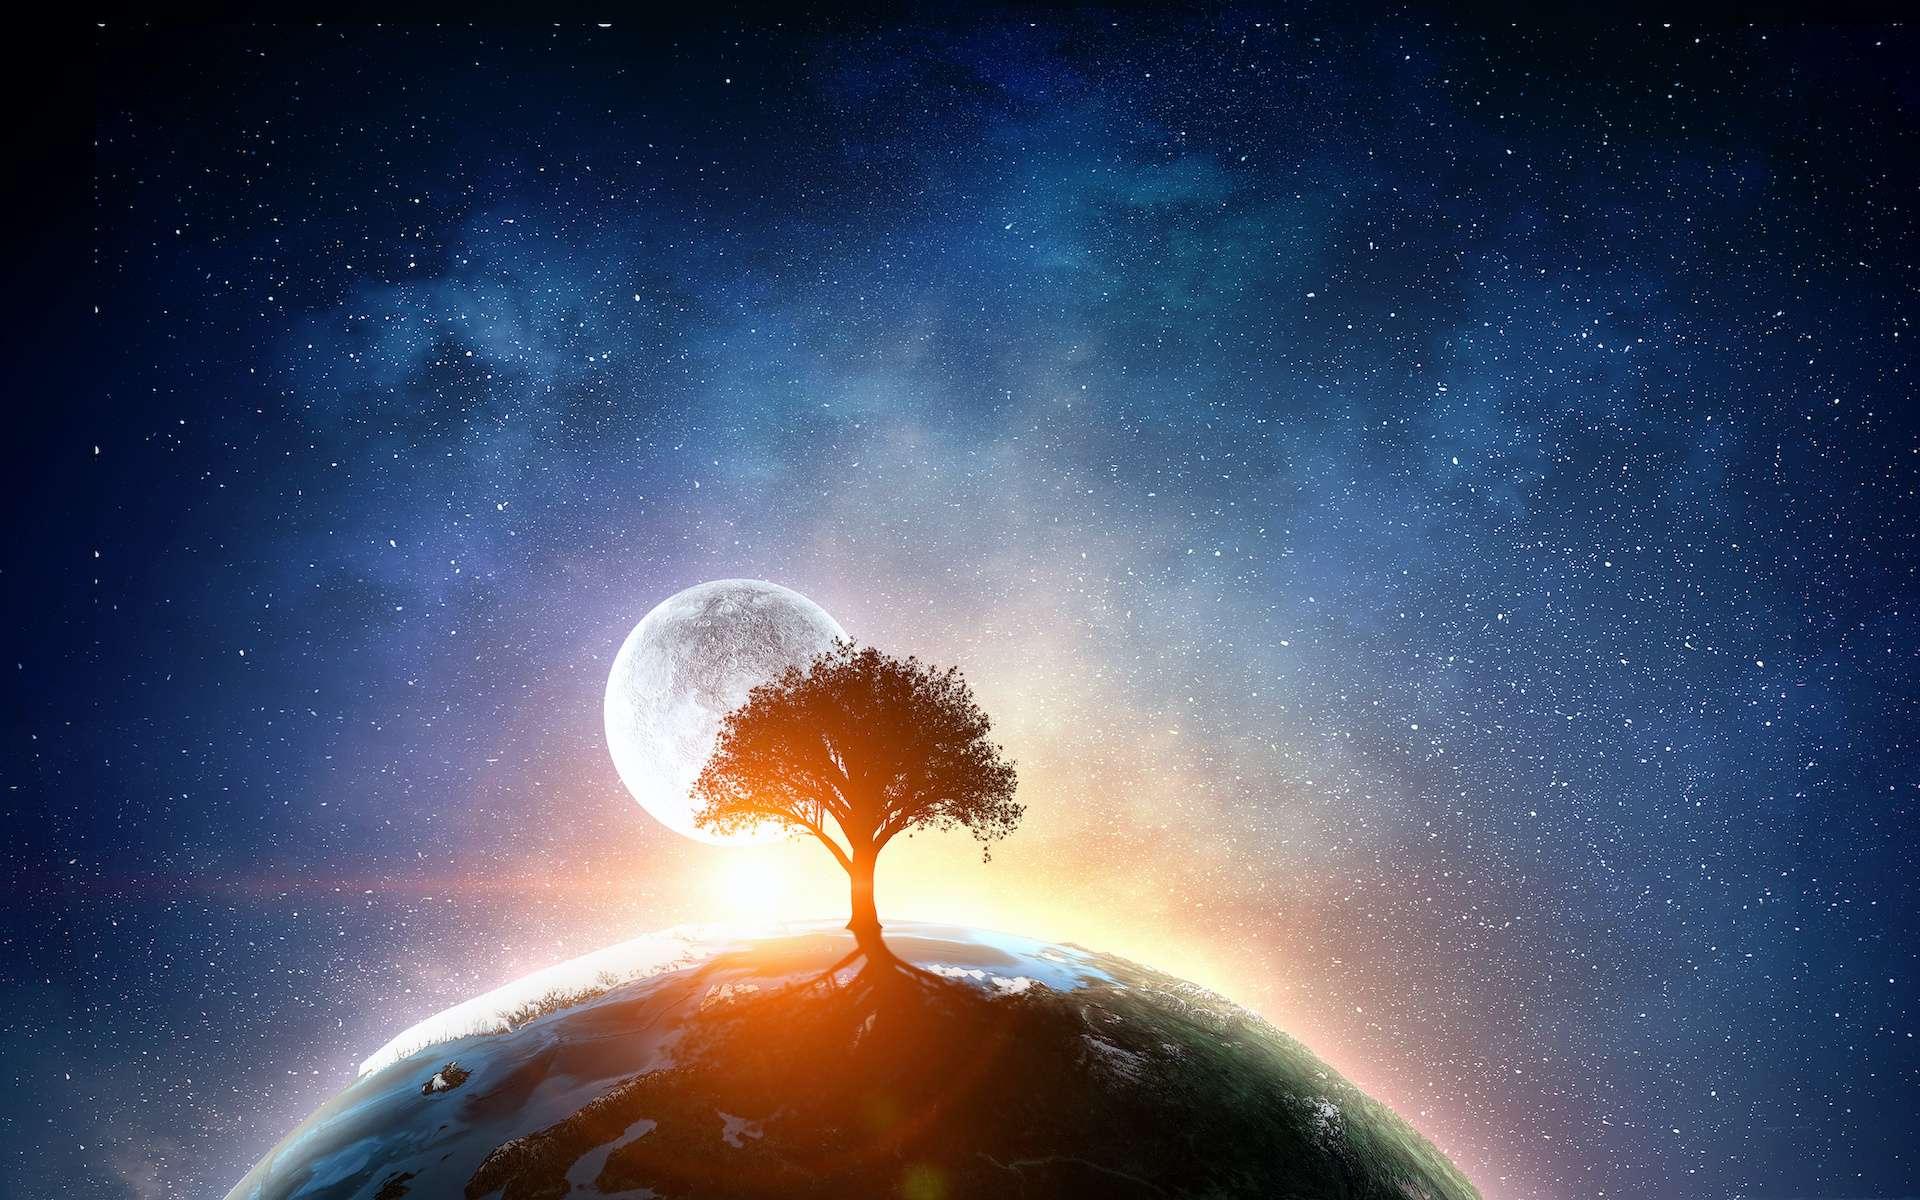 La vie sur Terre, un extraordinaire concours de circonstances ? © Sergey Nivens, Adobe Stock